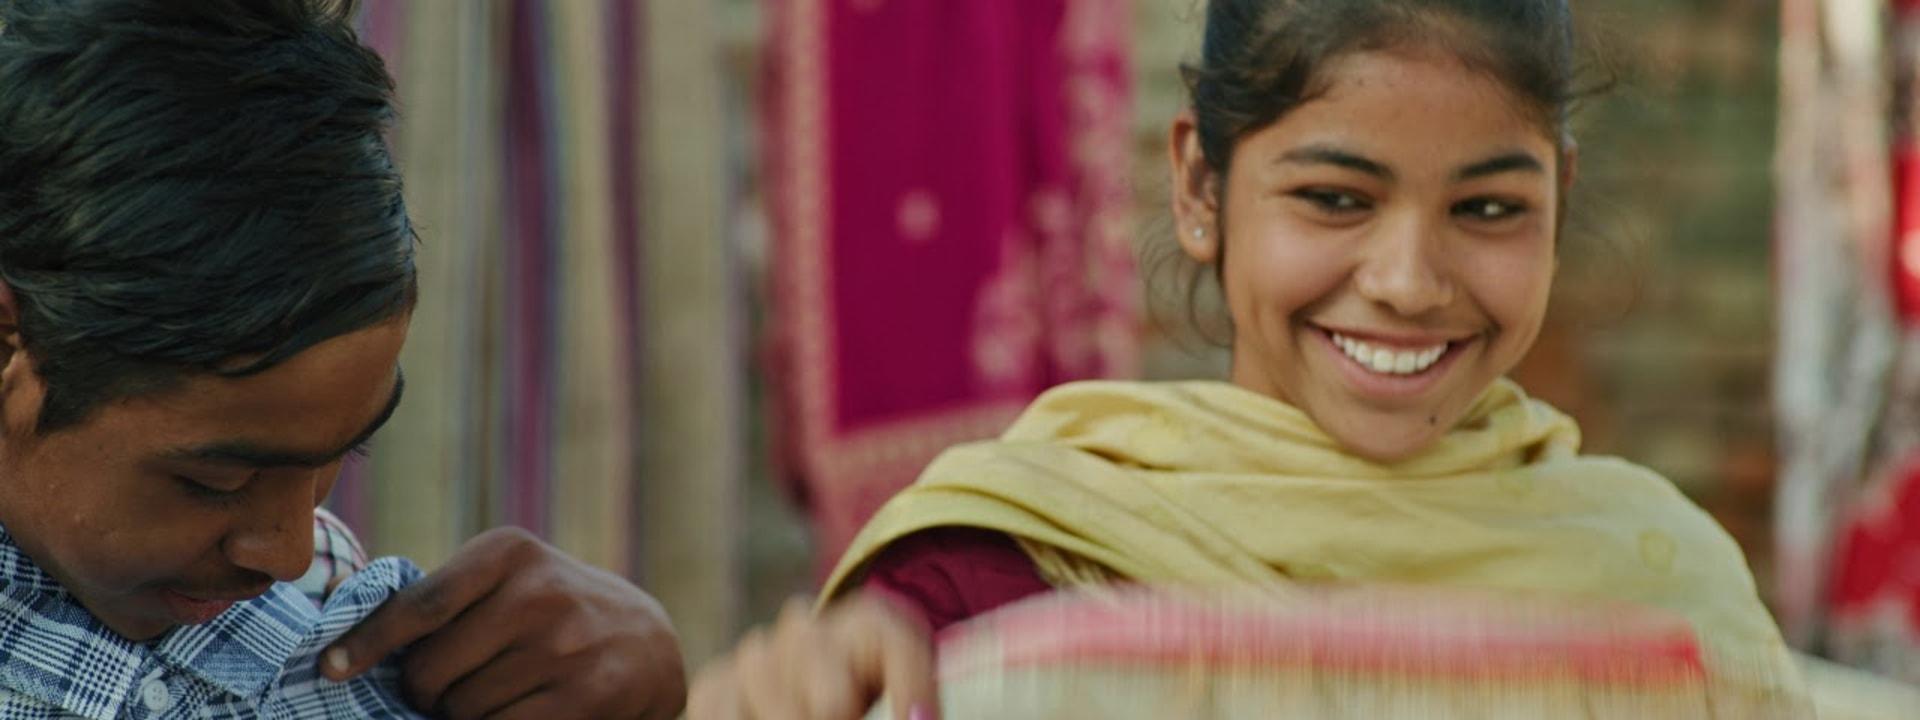 Rajpal – My future in my hands